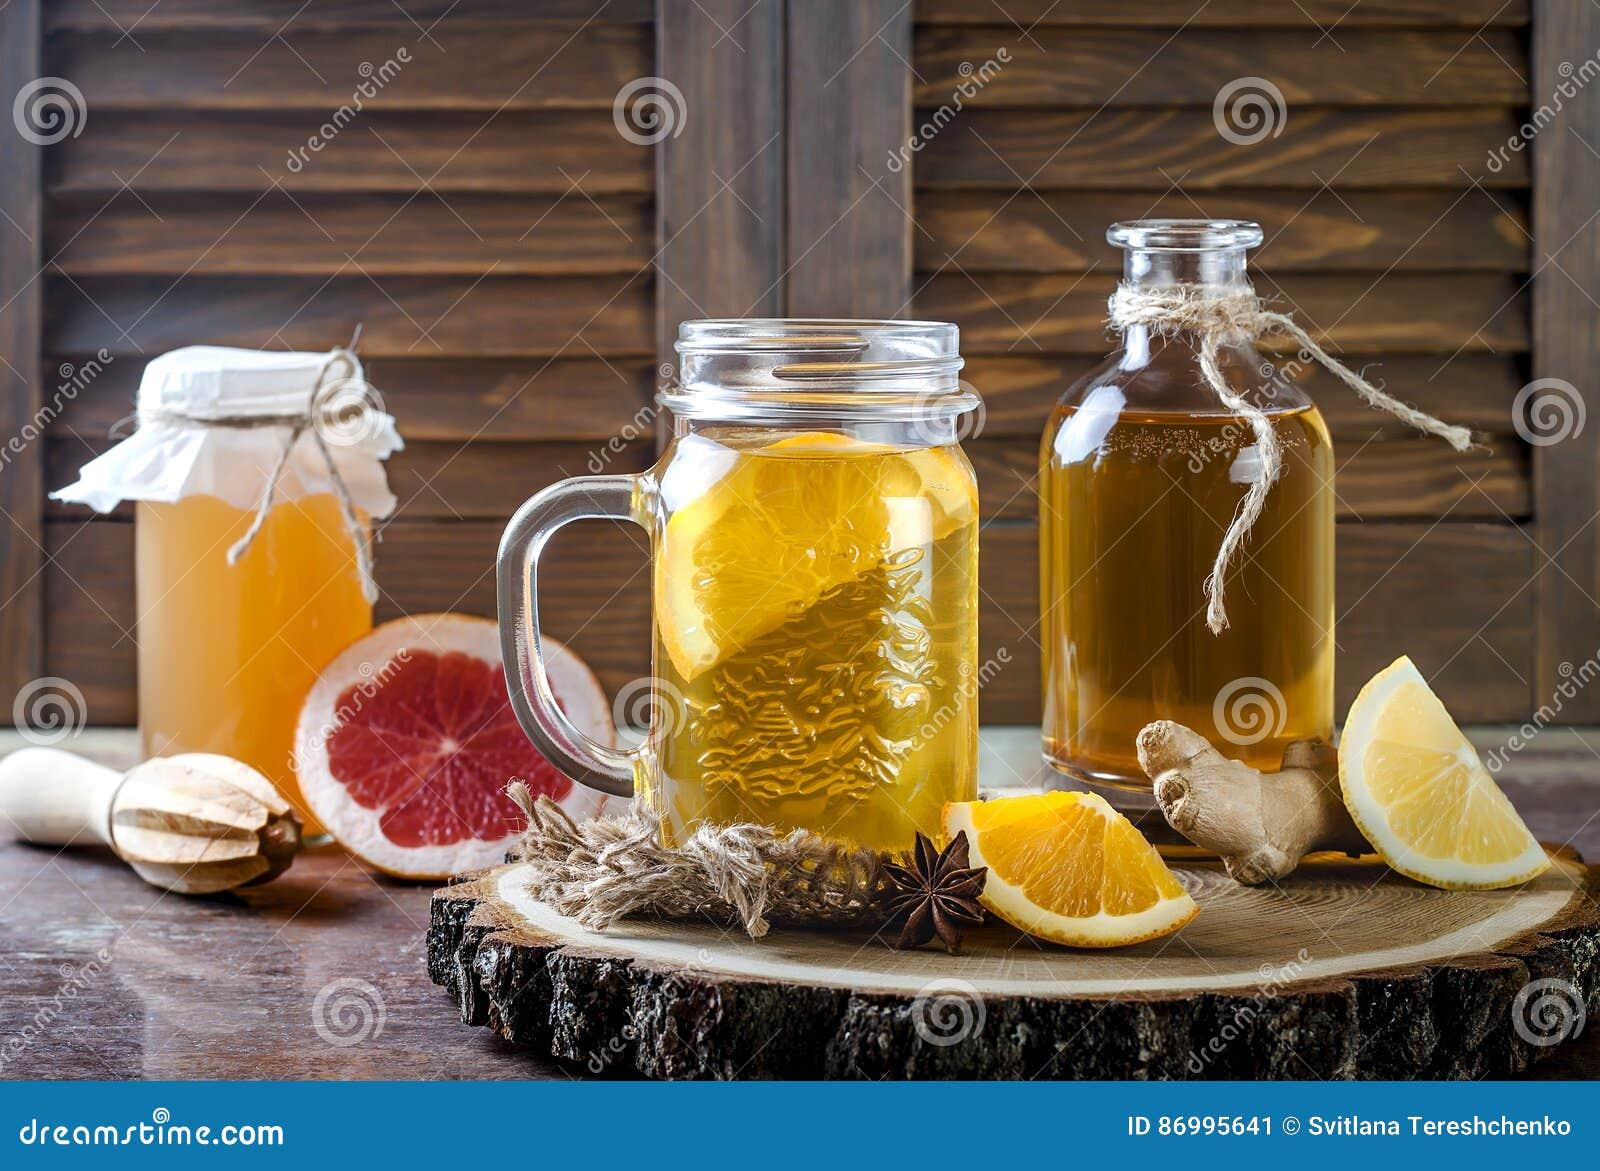 Hemlagat jäst rått kombuchate med olika smaktillsatser Sund naturlig probiotic smaksatt drink kopiera avstånd